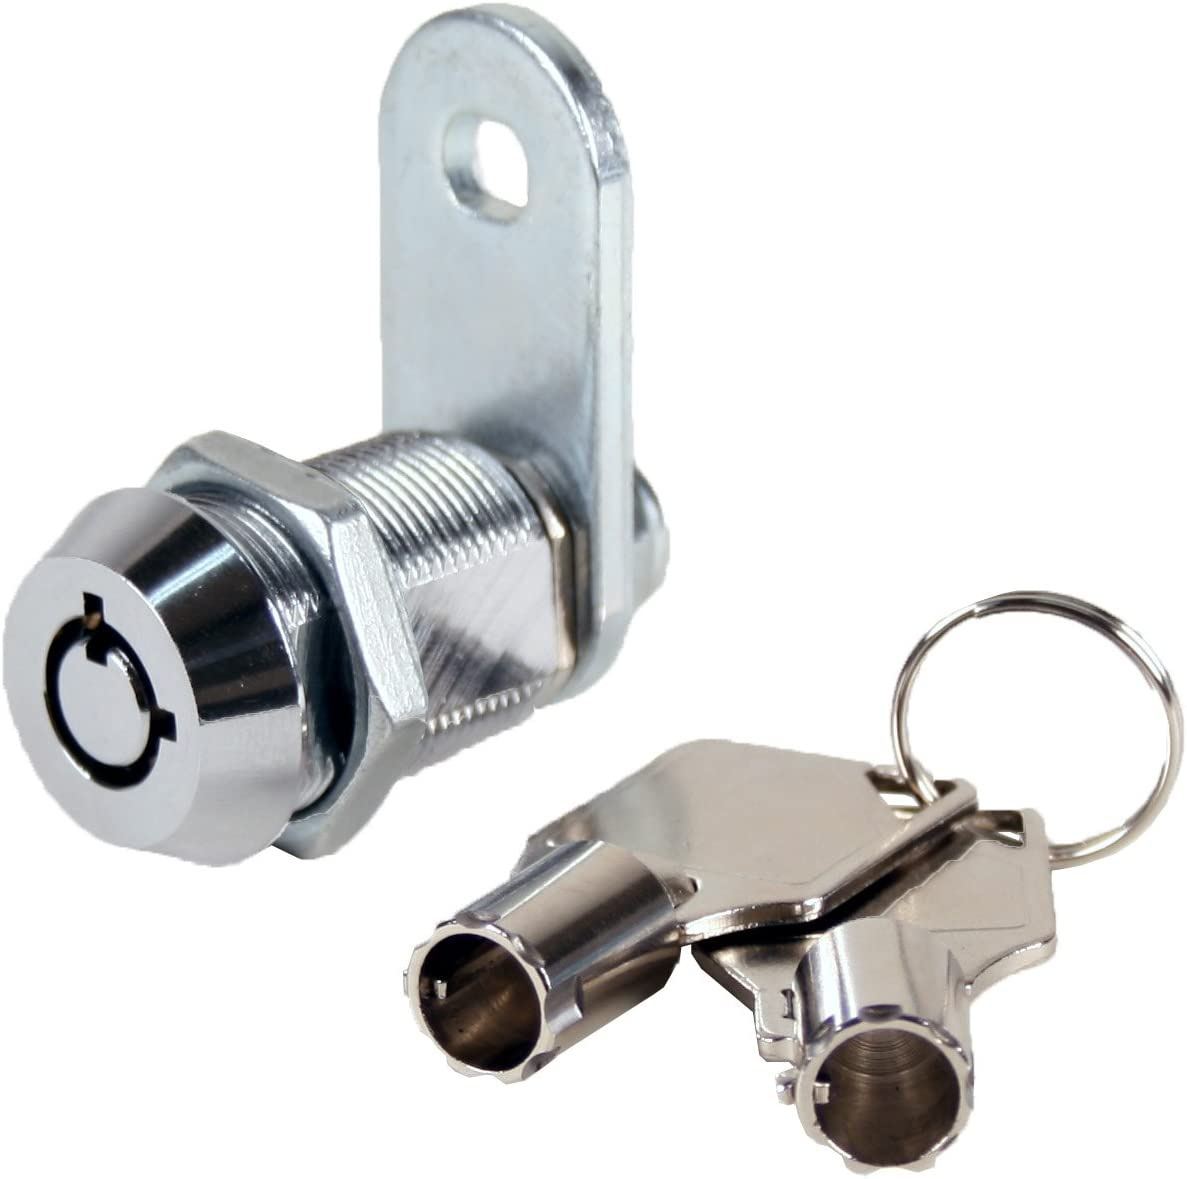 """FJM Security 2400AM-KA Tubular Cam Lock with 7/8"""" Cylinder and Chrome Finish, Keyed Alike"""